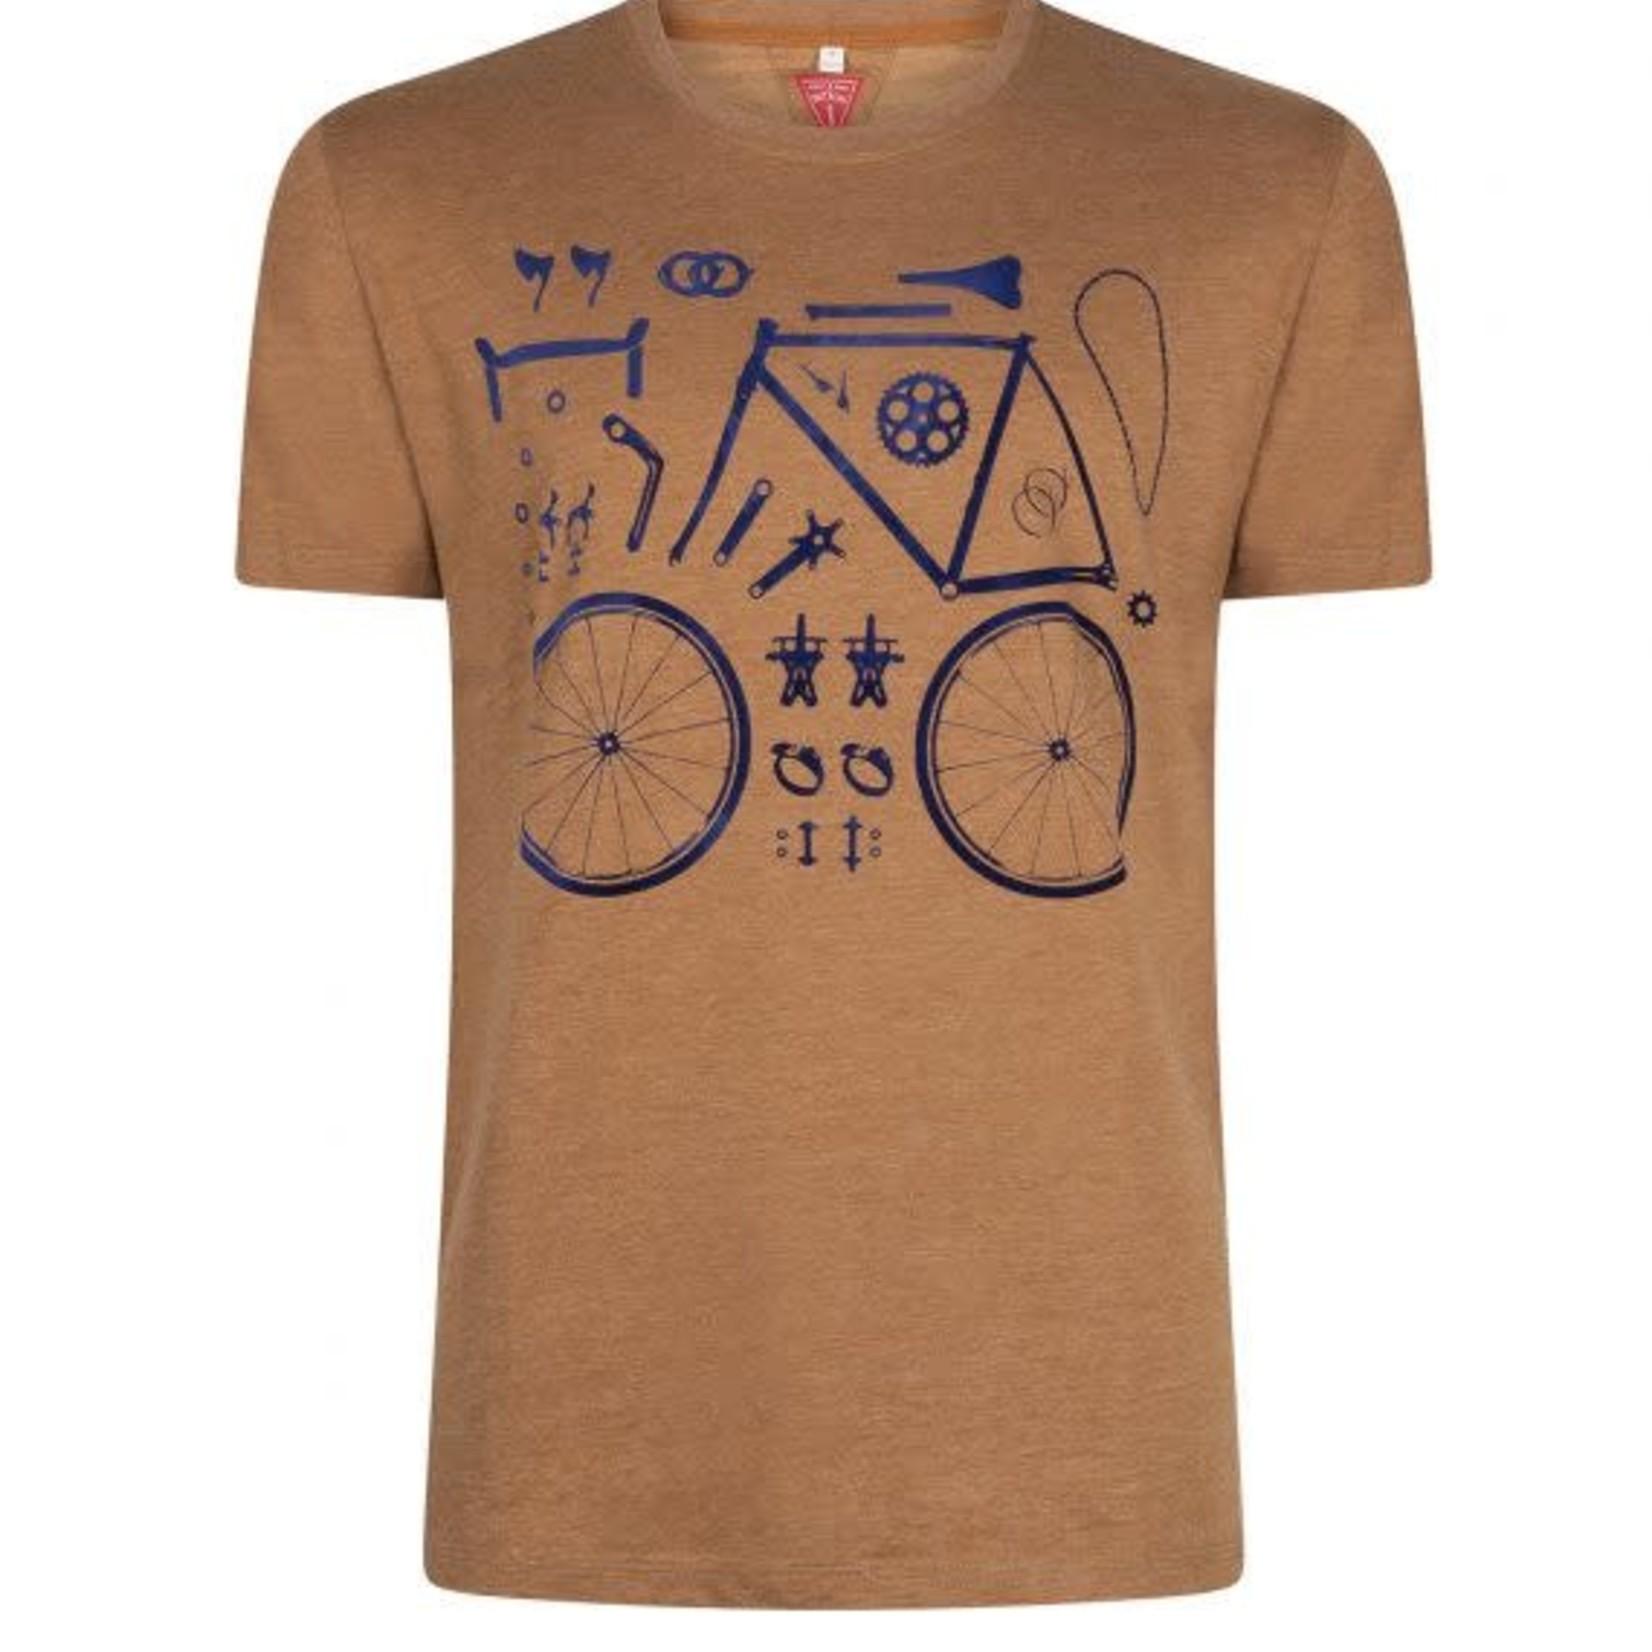 Le Patron T-shirt 'Pieces de bicyclette'